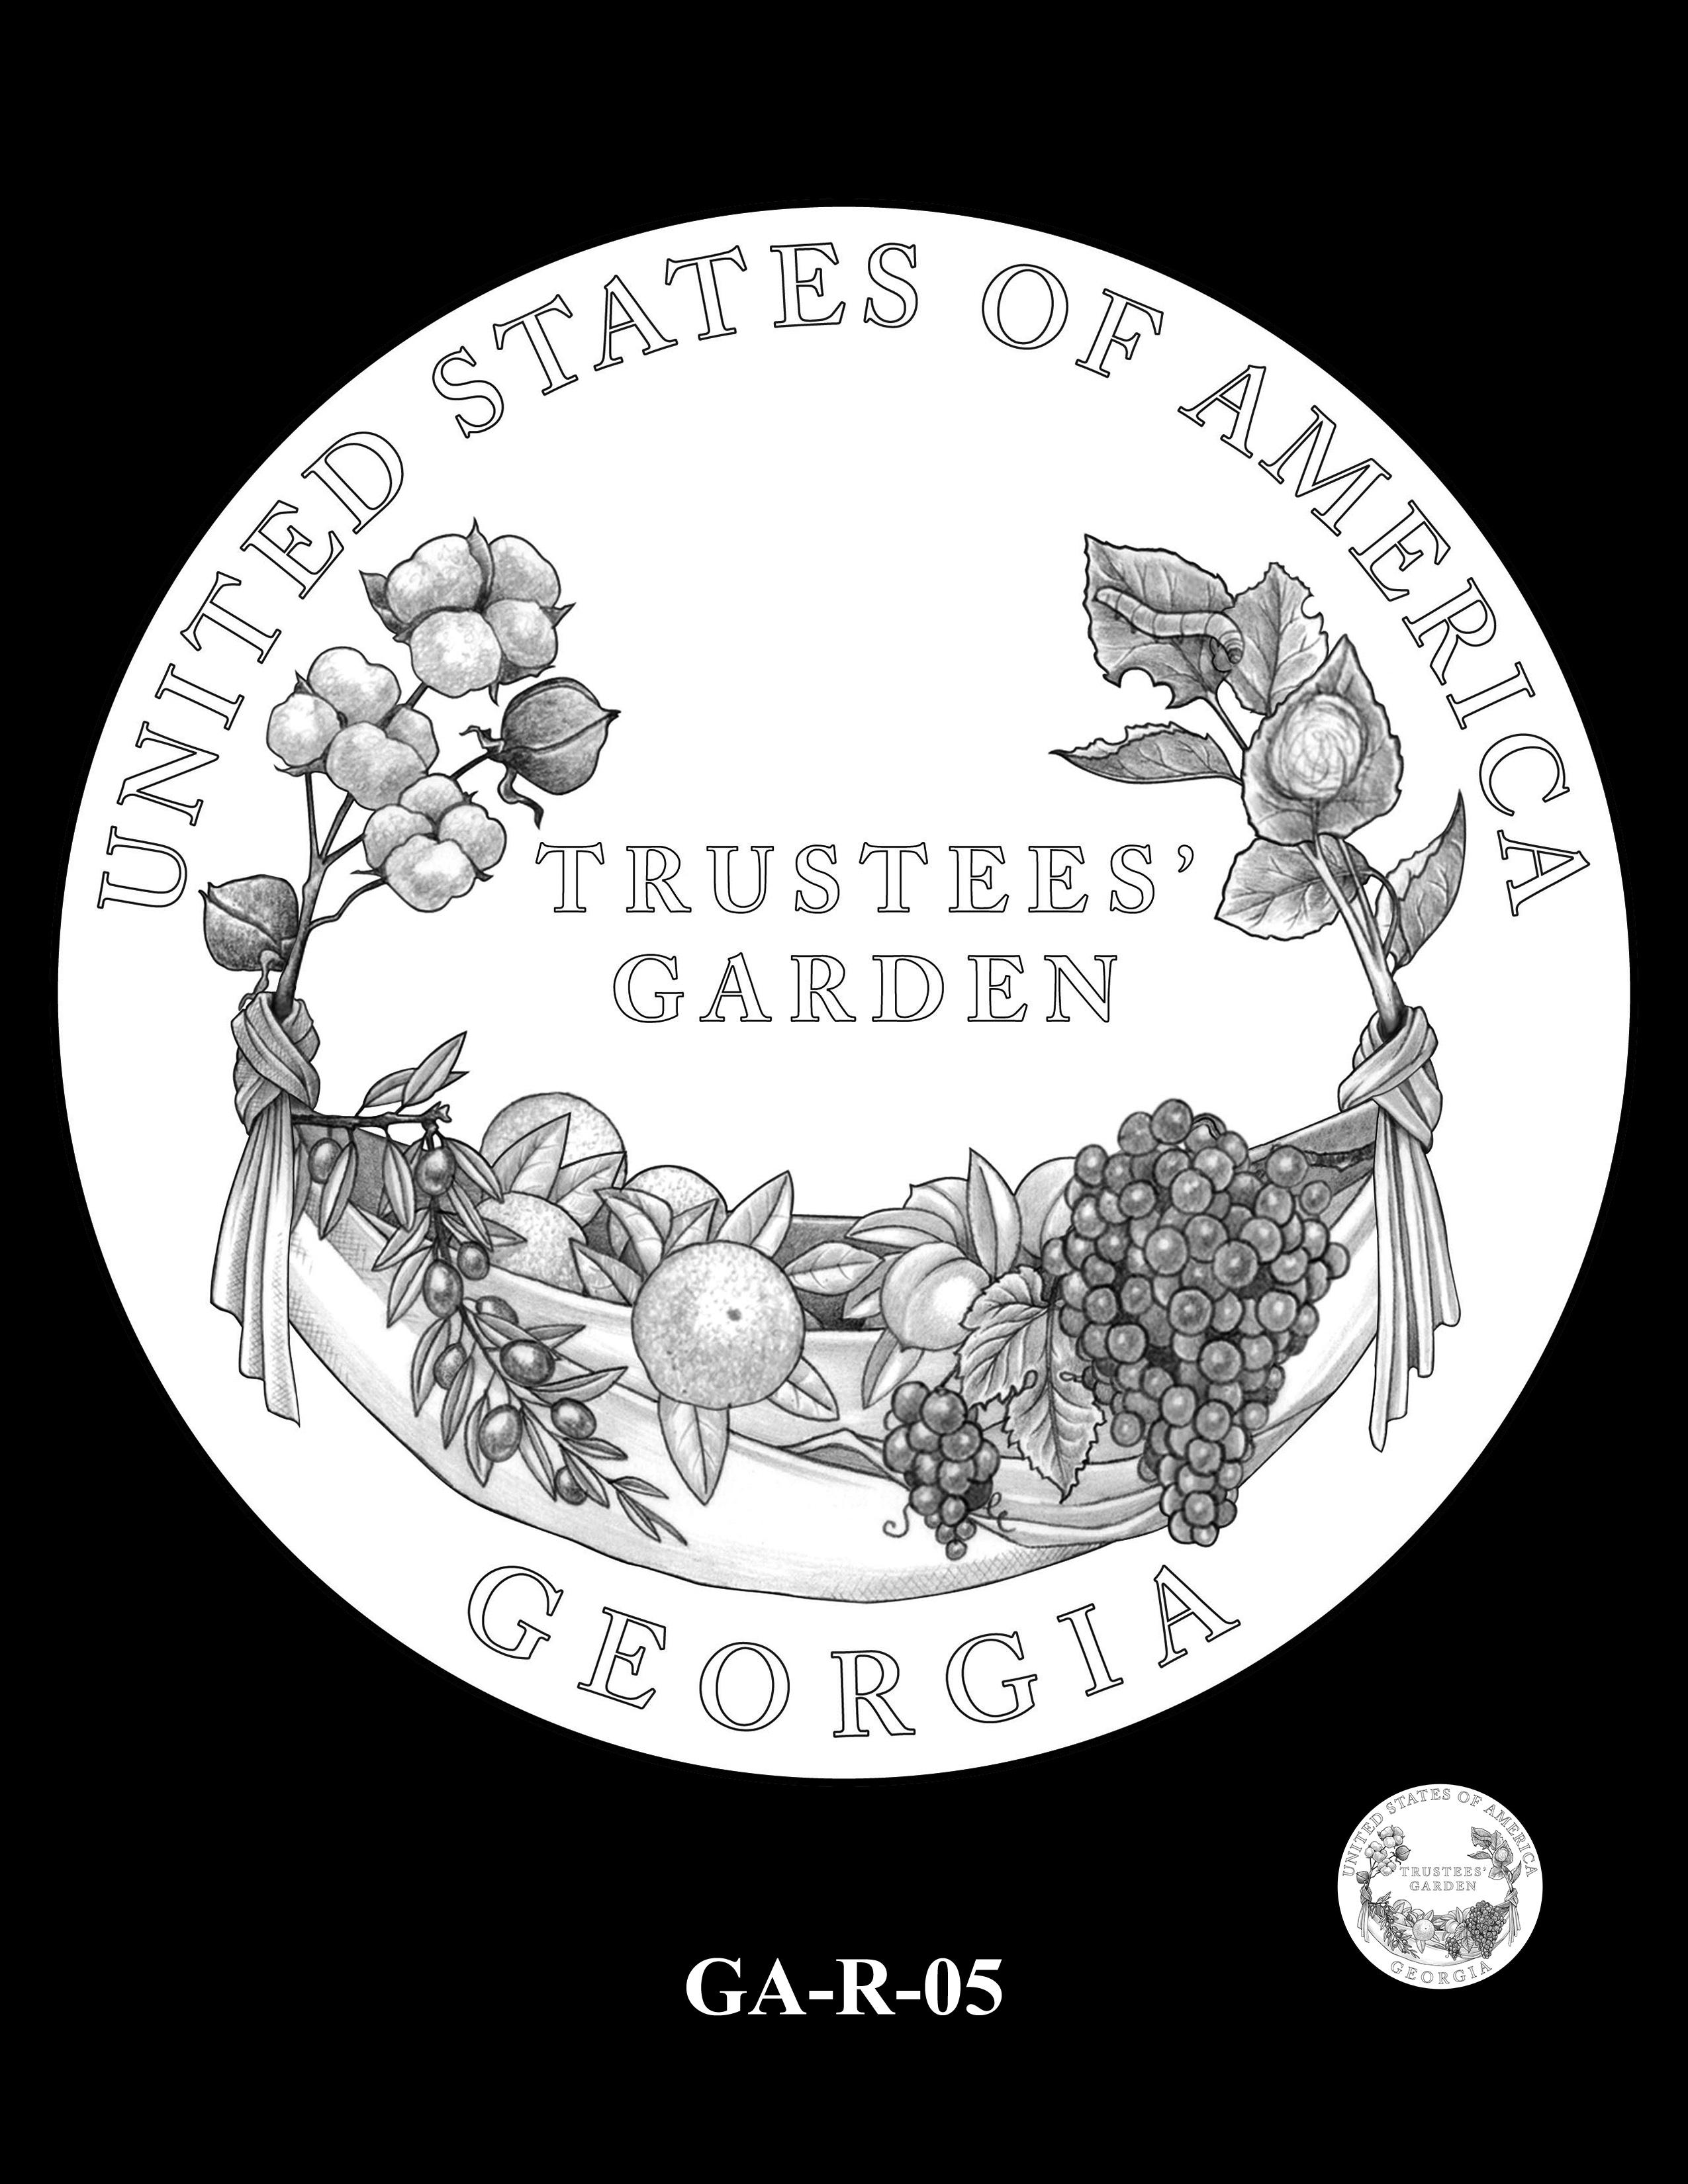 GA-R-05 -- 2019 American Innovation $1 Coin Program